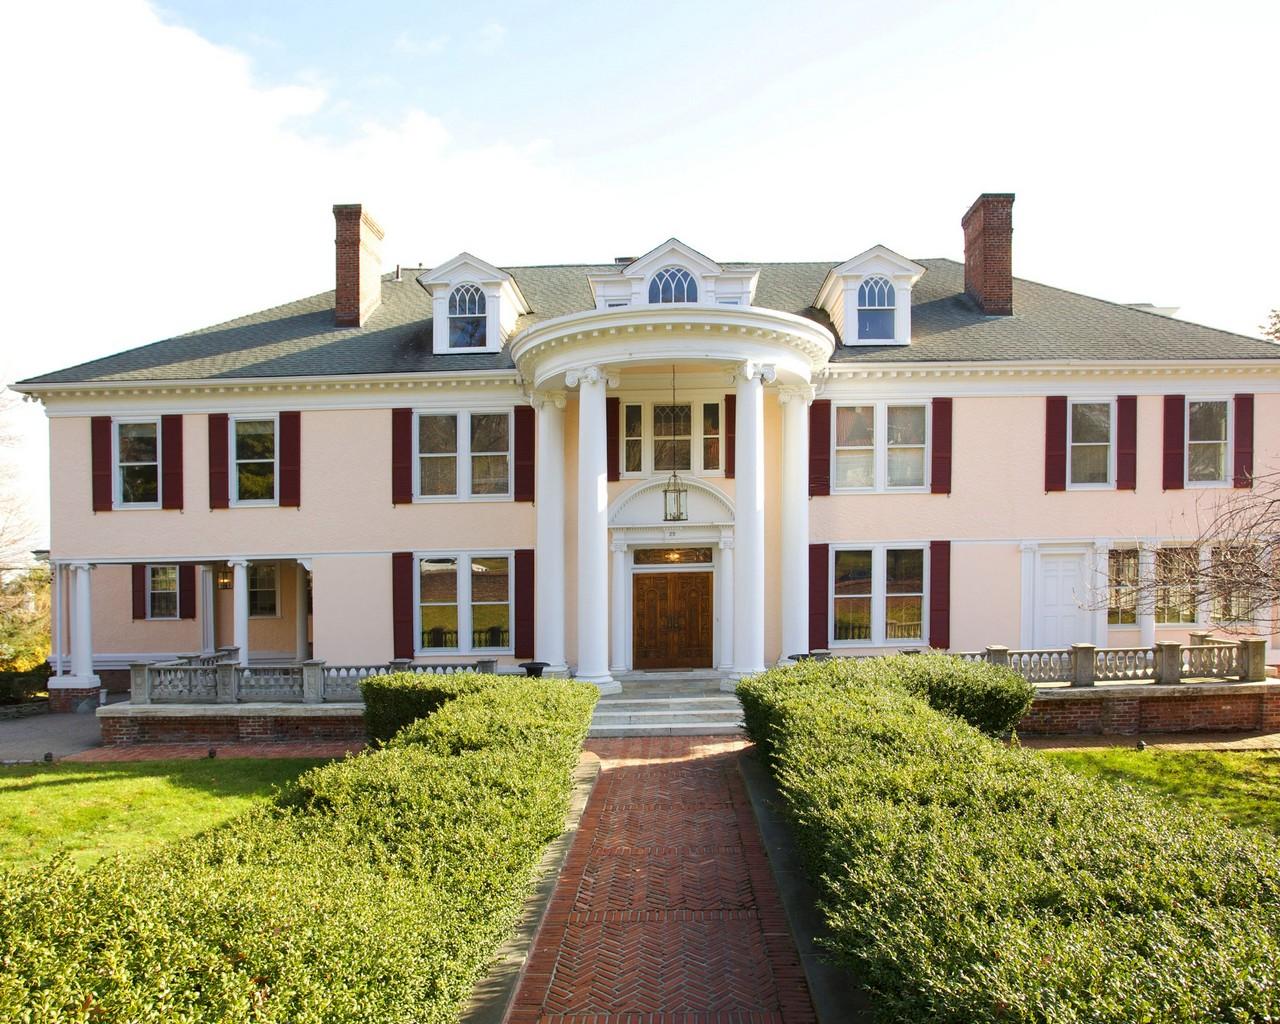 Частный односемейный дом для того Аренда на Gorgeous Classical Estate 25 Prospect Avenue Montclair, Нью-Джерси, 07042 Соединенные Штаты